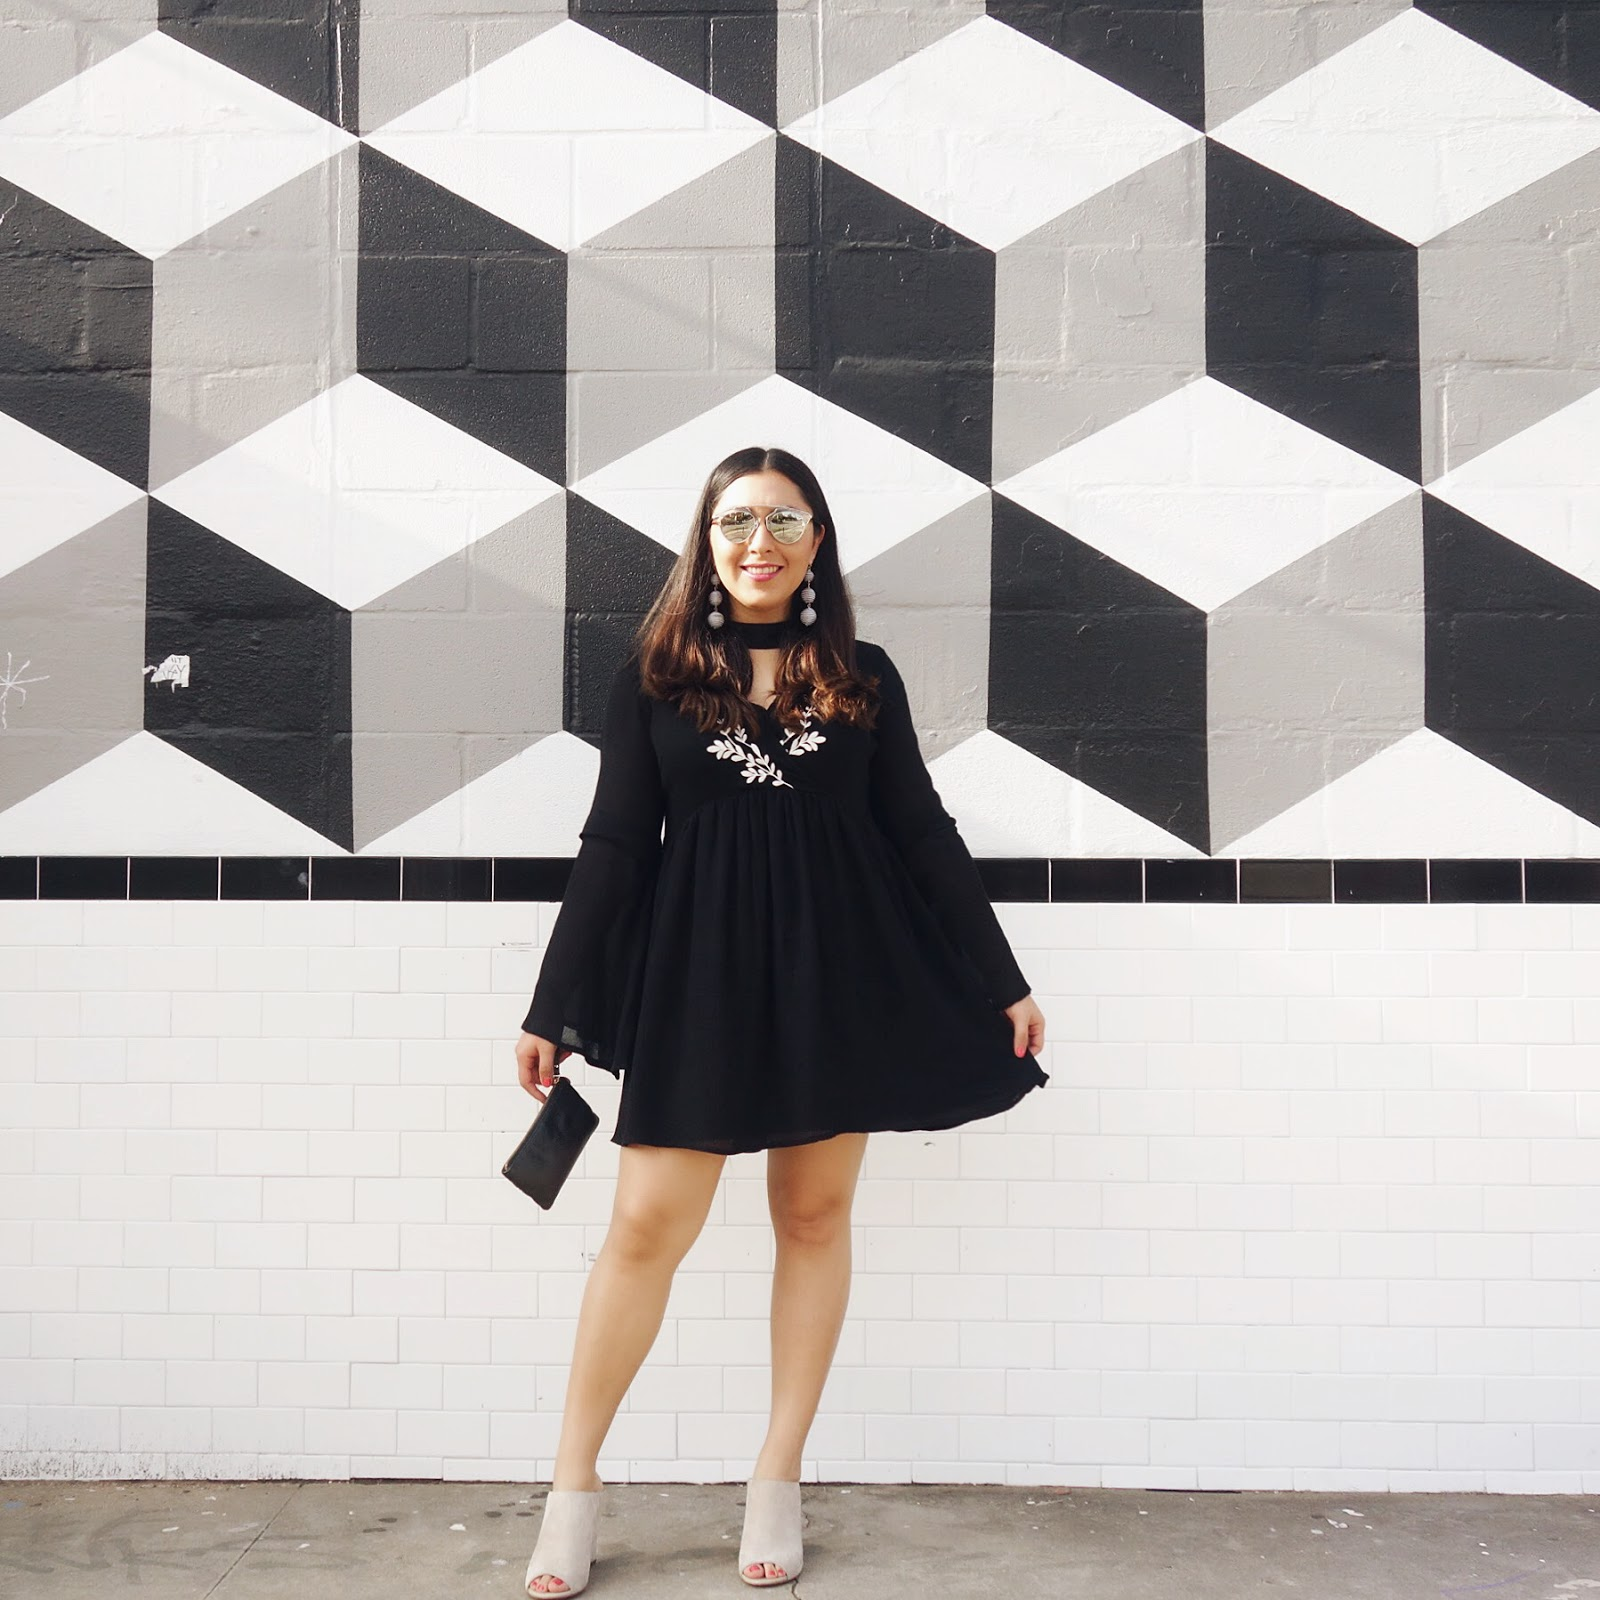 Black Choker Neck Dress, Choker Neck Dress, Featured, Steal, Little Black Dress, LBD